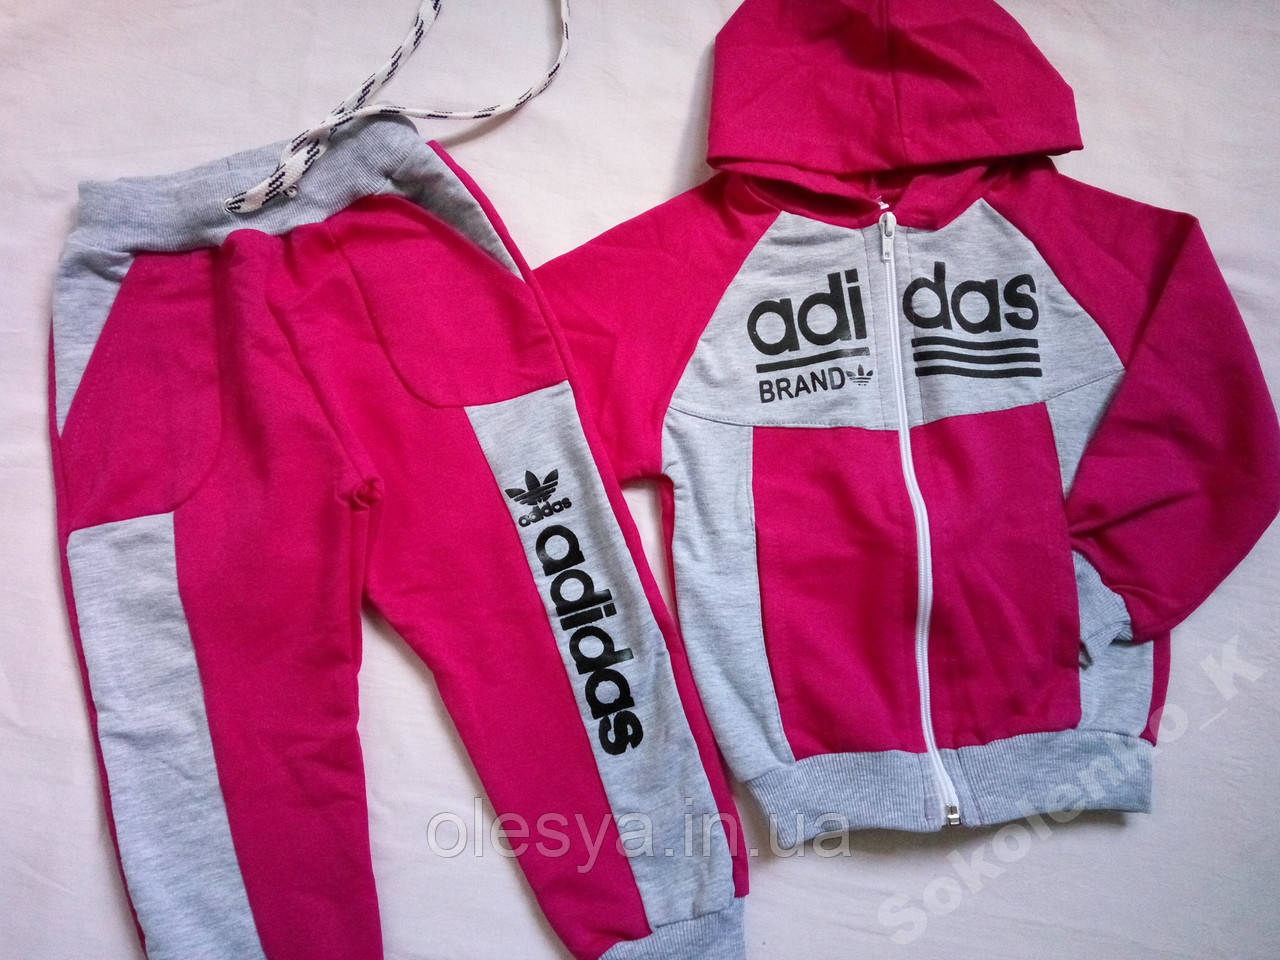 2f3c7006c632 Спортивный костюм Adidas на девочек размеры 98- 104: продажа, цена в  Каменском. ...